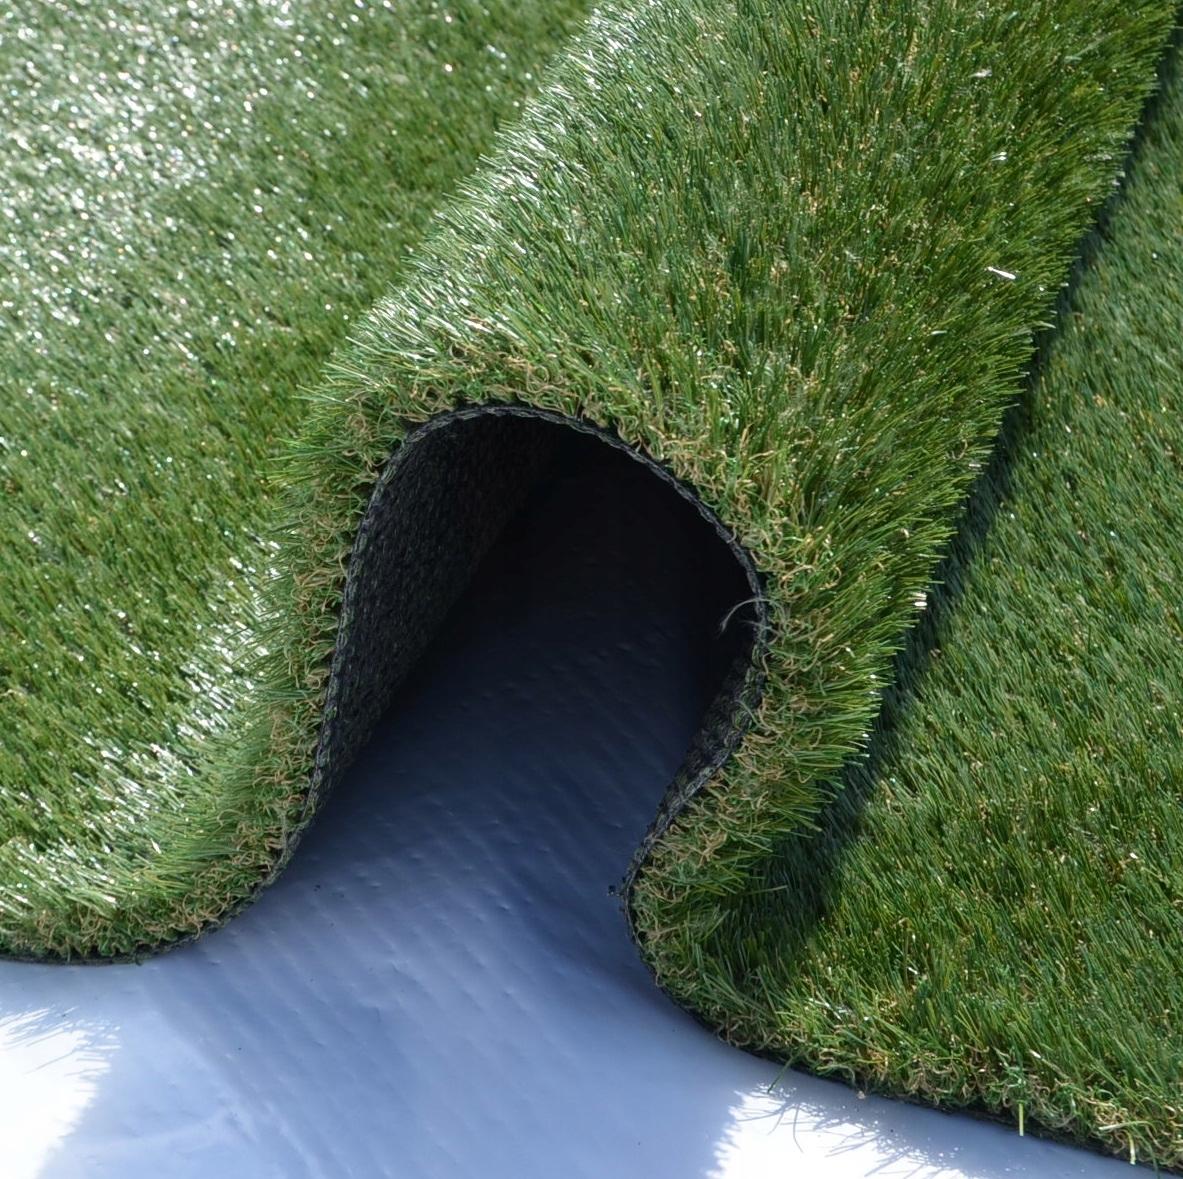 Koberec Umelá tráva BRISBANE|terasa, záhrada|balkón 400x850